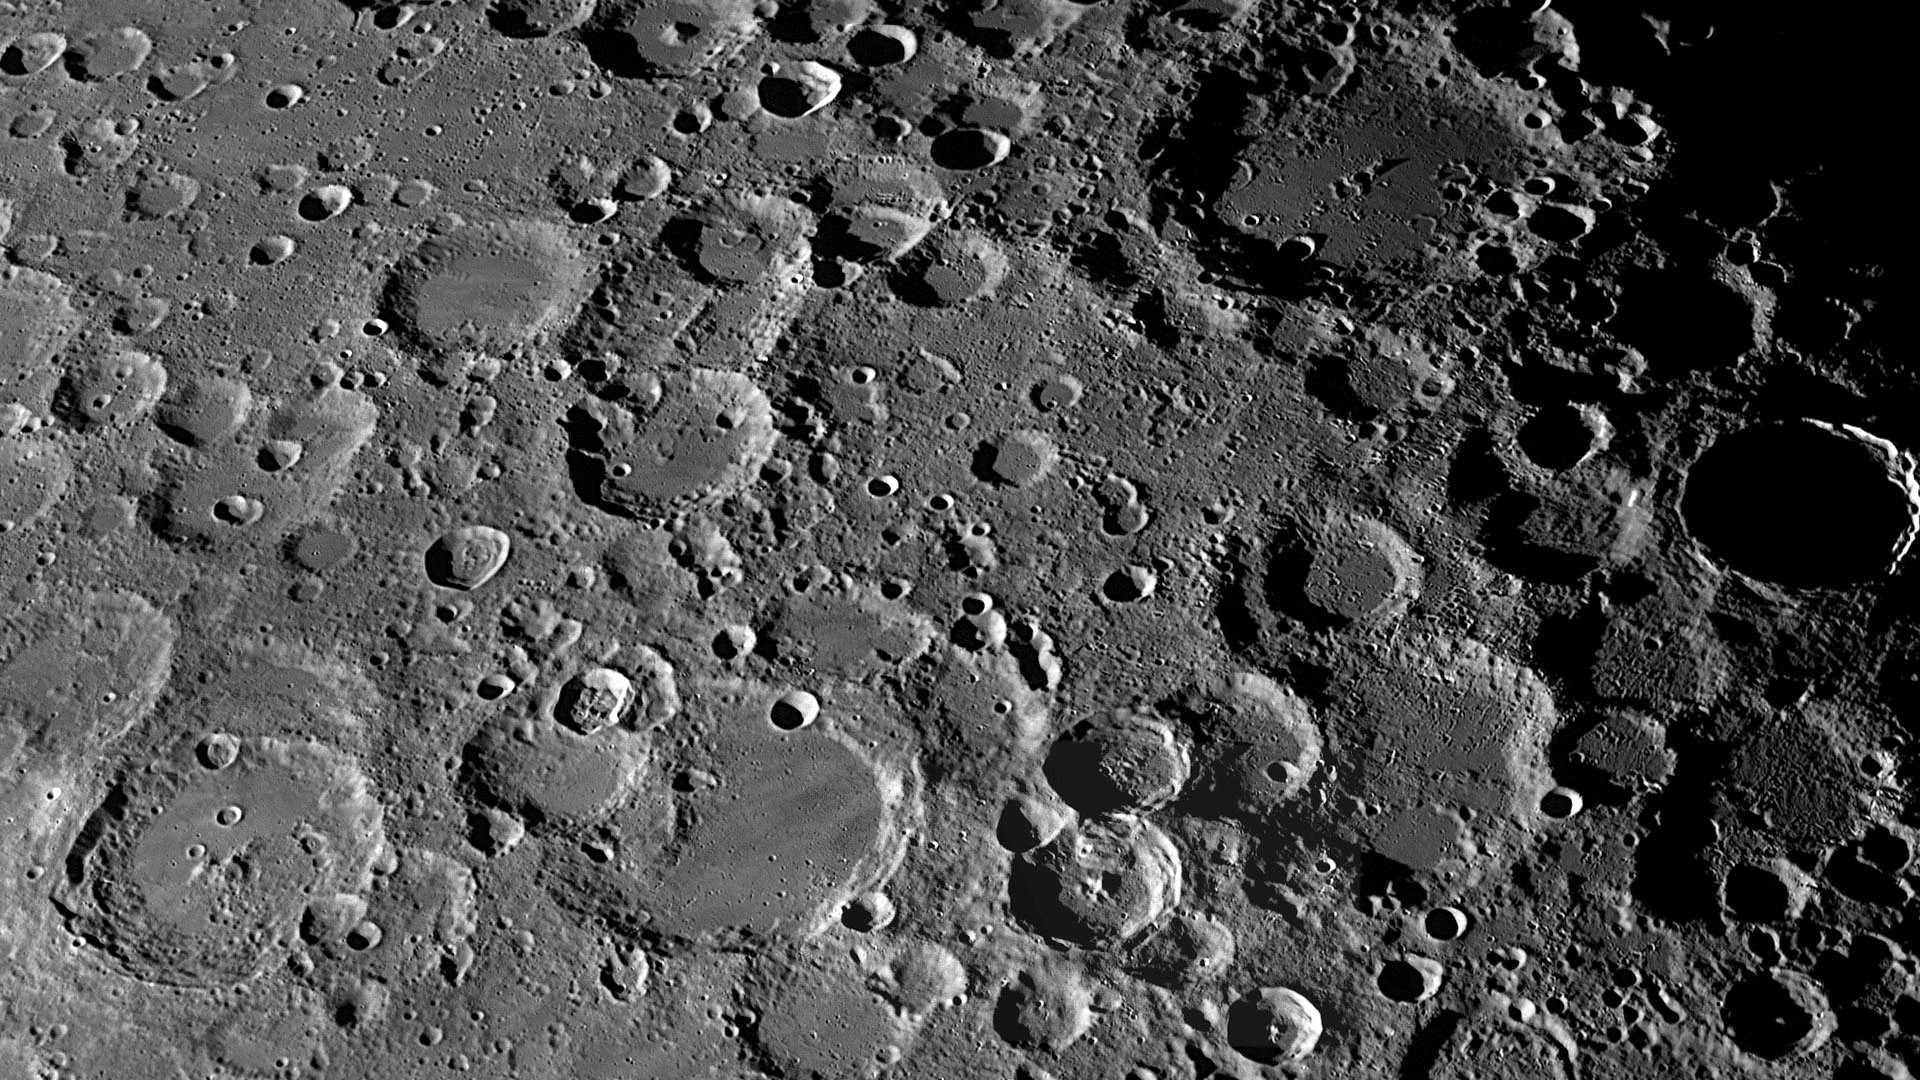 Обнаружены следы вулканической активности Луны всего два миллиарда лет назад